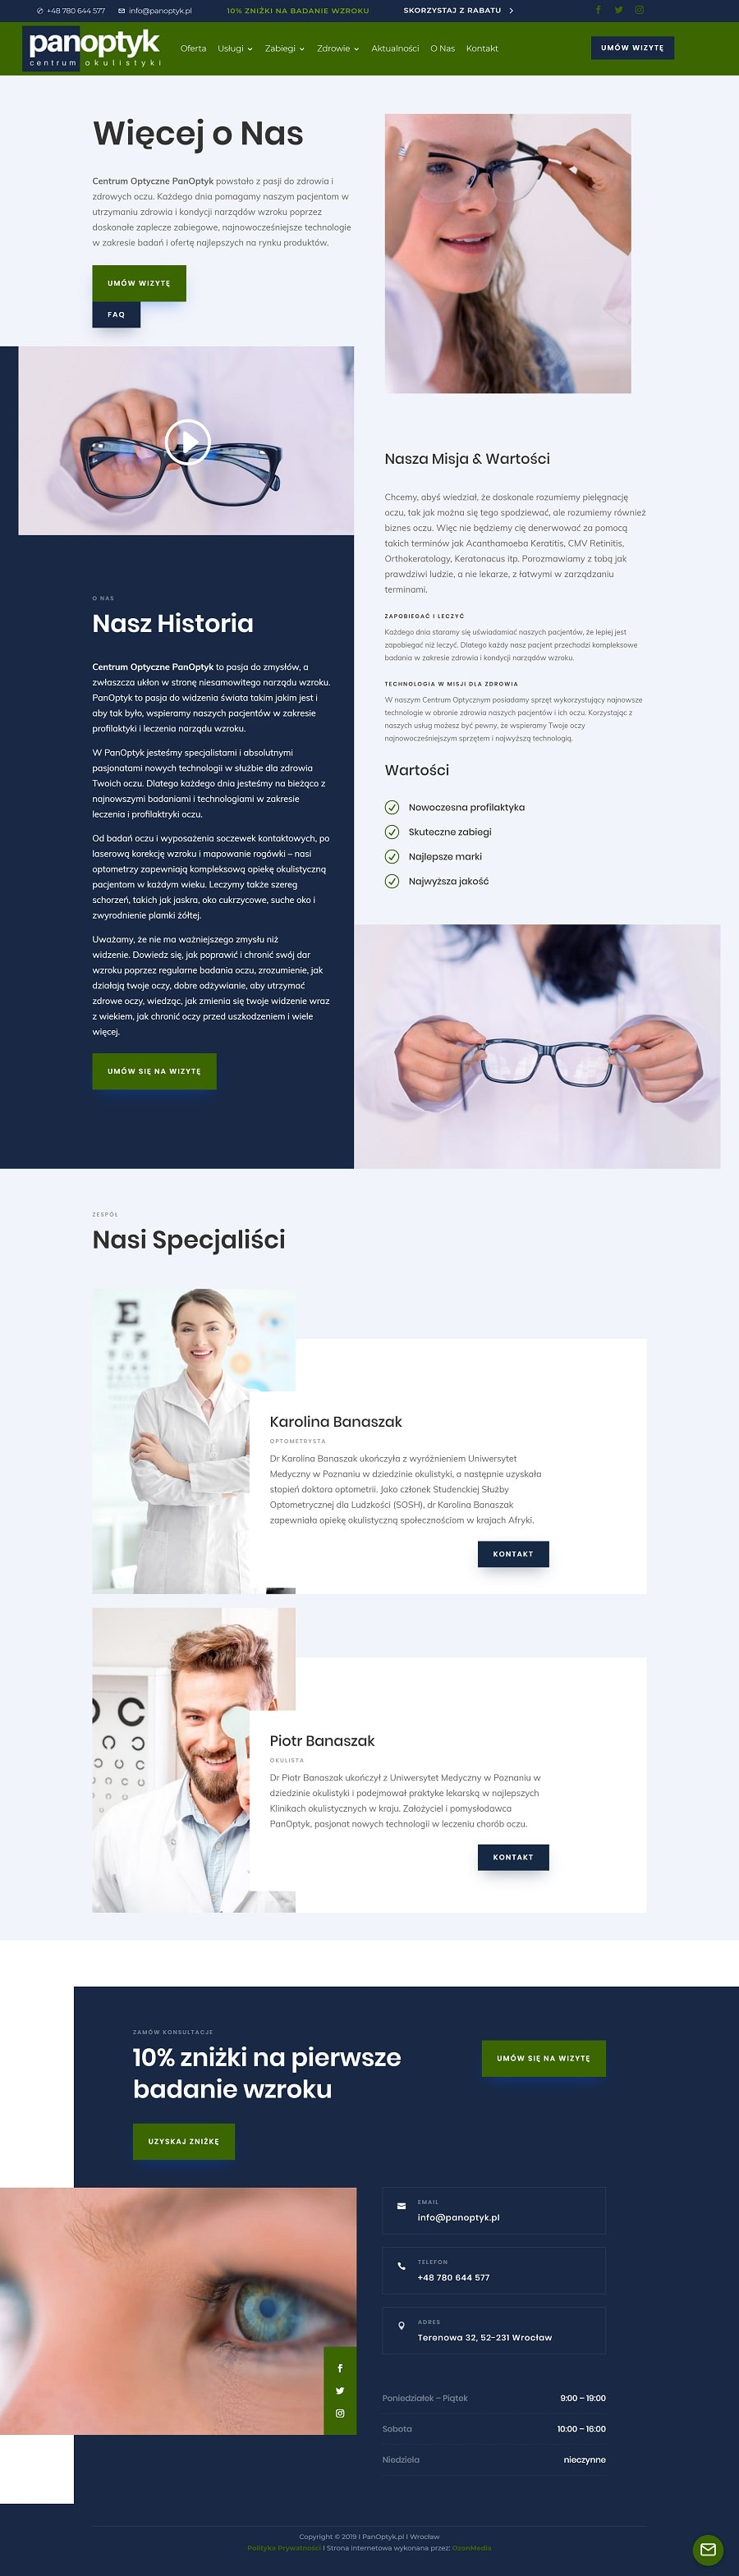 strona internetowa dla okulisty i optometry wroclaw - agencja marketingowa OzonMedia (3)